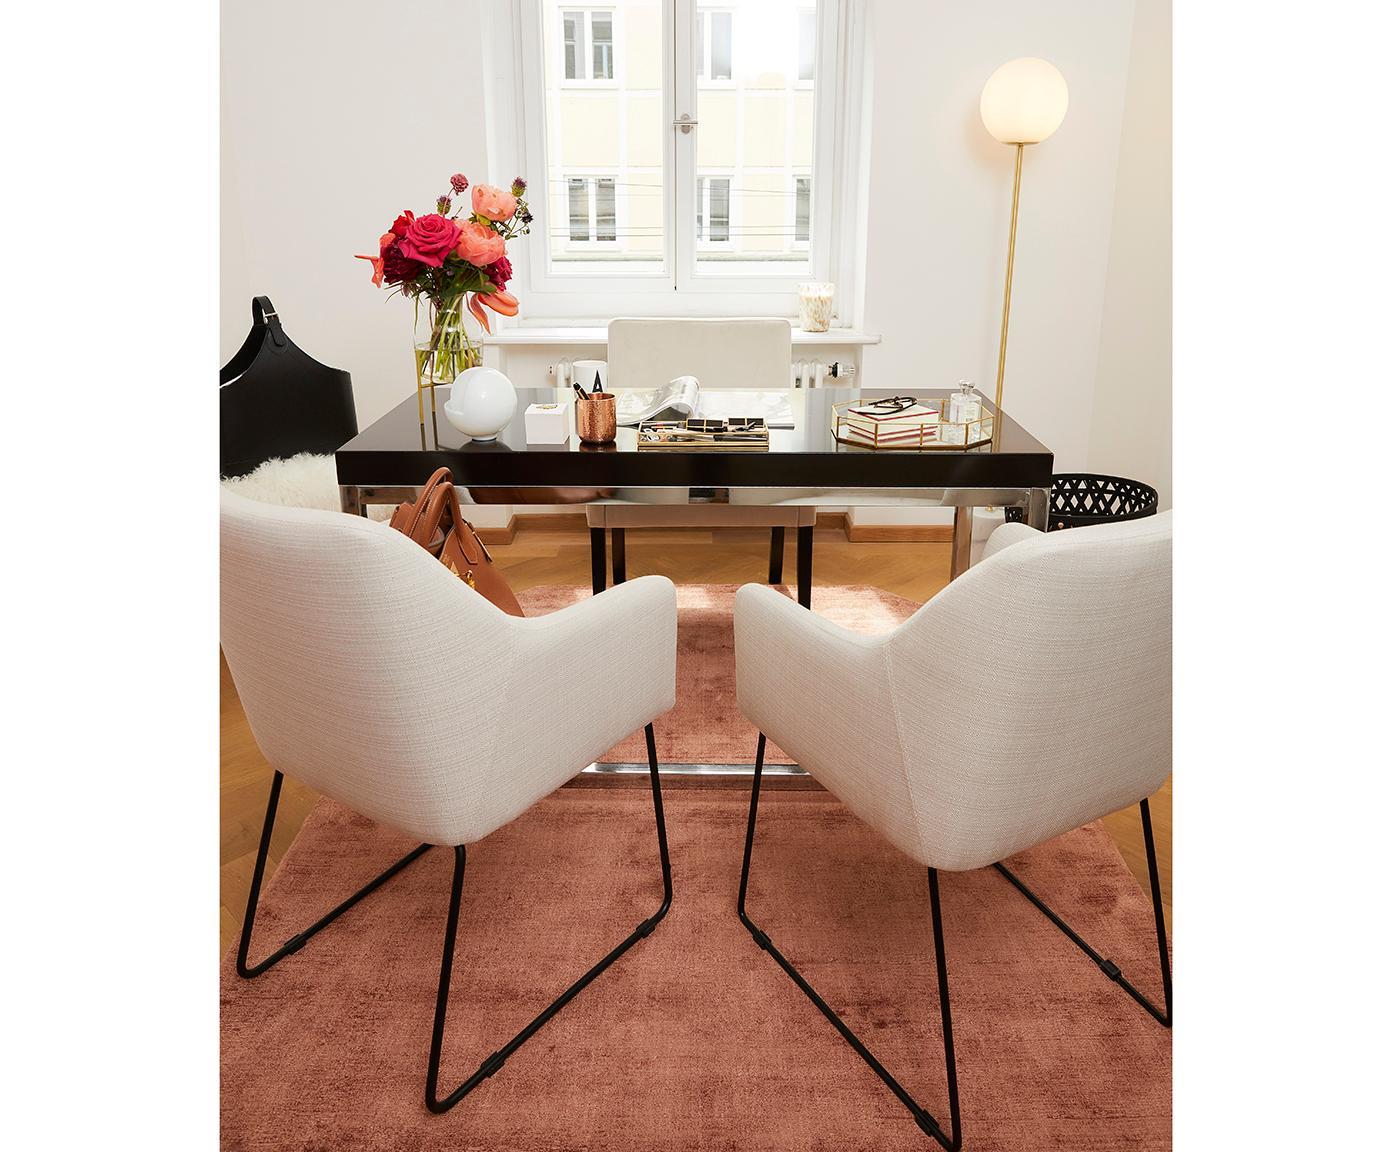 Krzesło tapicerowane z podłokietnikami Isla, Tapicerka: poliester 50 000 cykli w , Nogi: metal malowany proszkowo, Kremowobiały, czarny, S 58 x G 62 cm